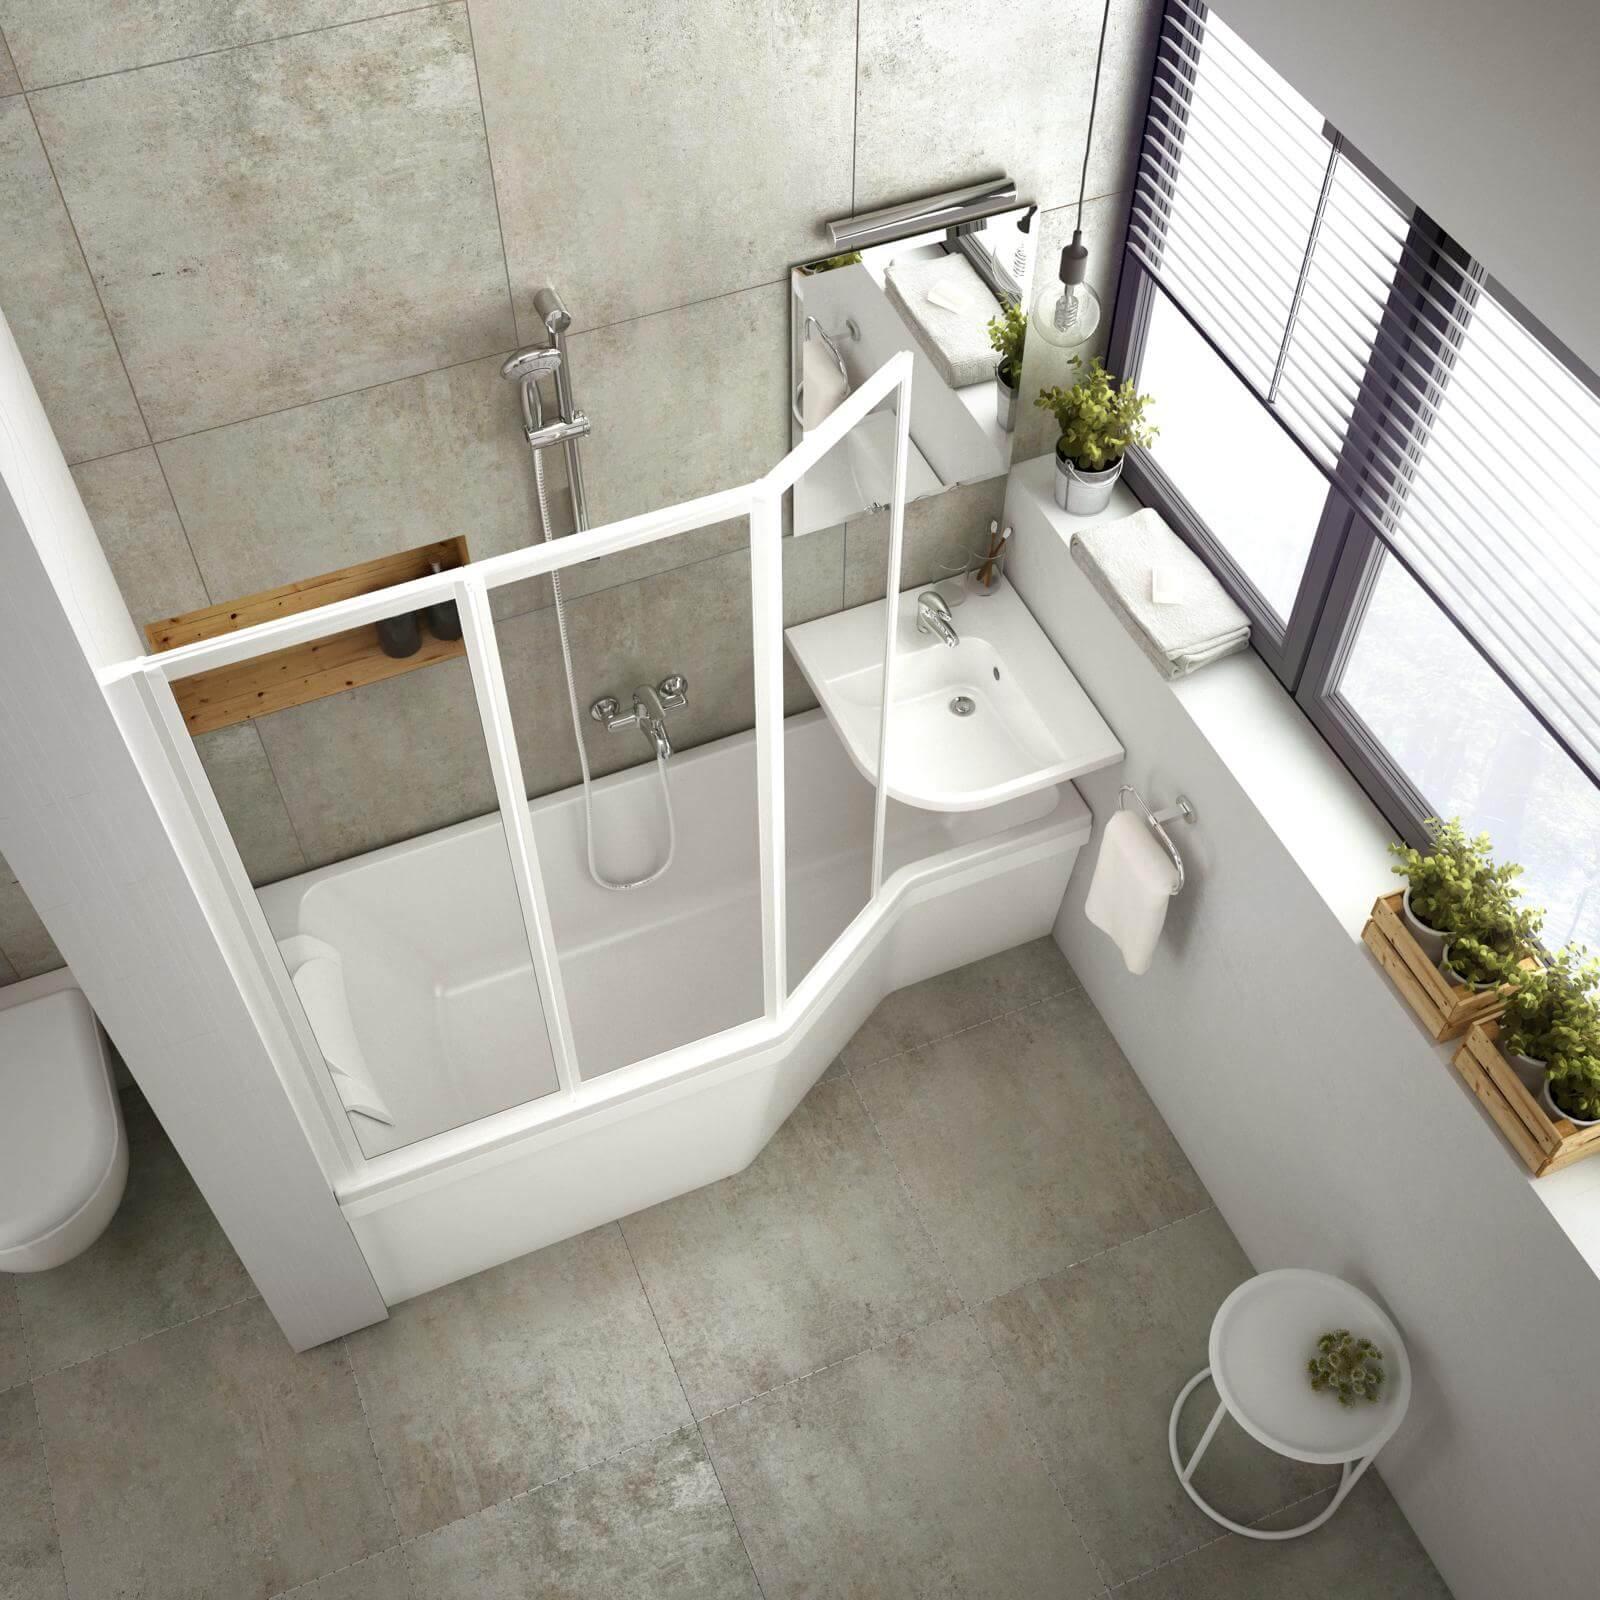 Kicsi a fürdőszobája? Így használja ki!